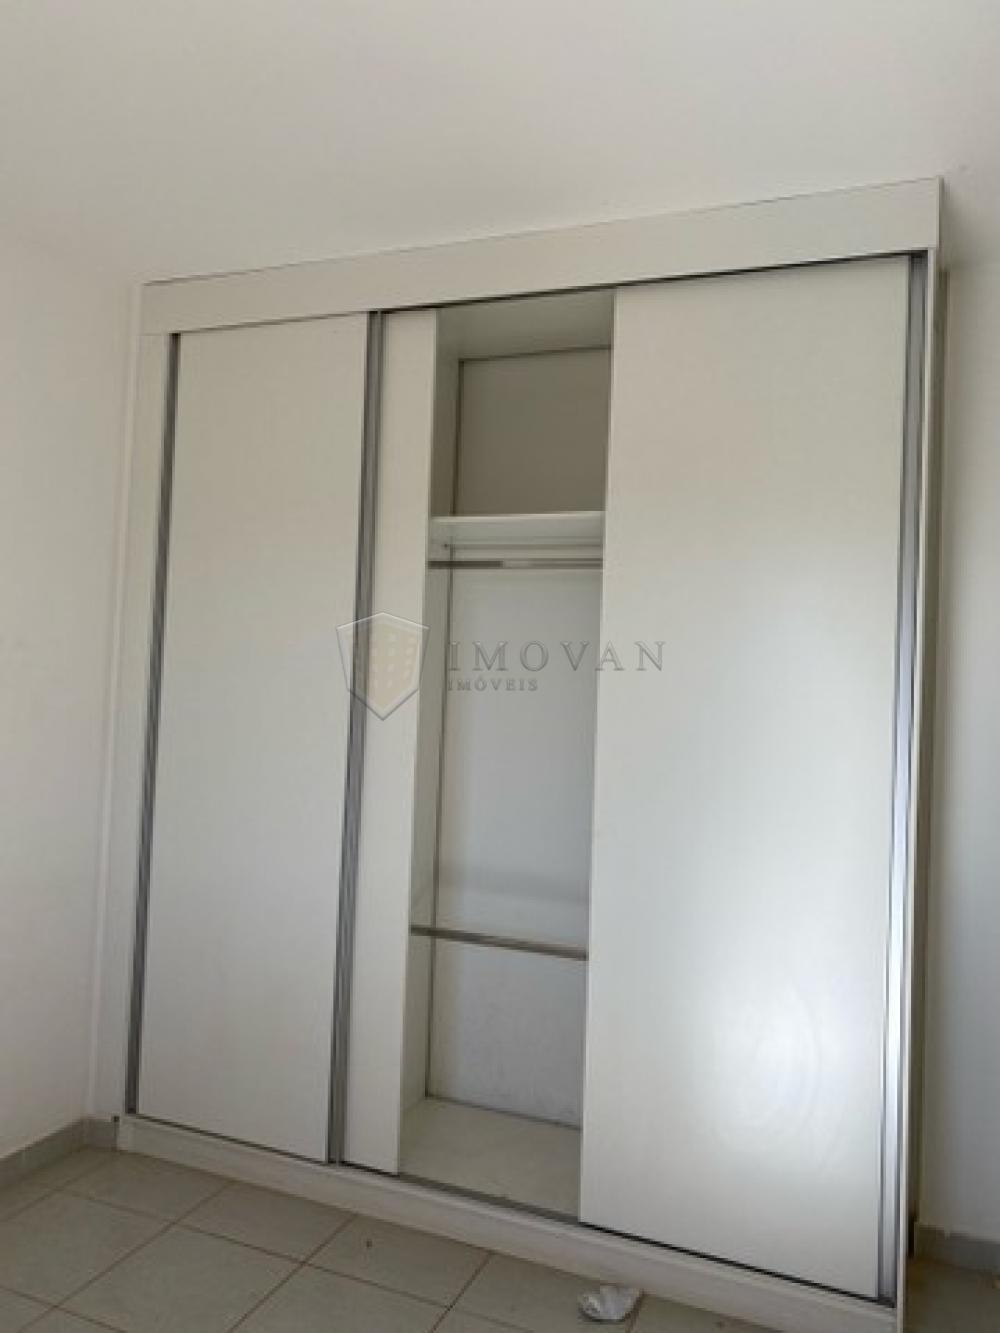 Comprar Apartamento / Padrão em Ribeirão Preto R$ 399.000,00 - Foto 4